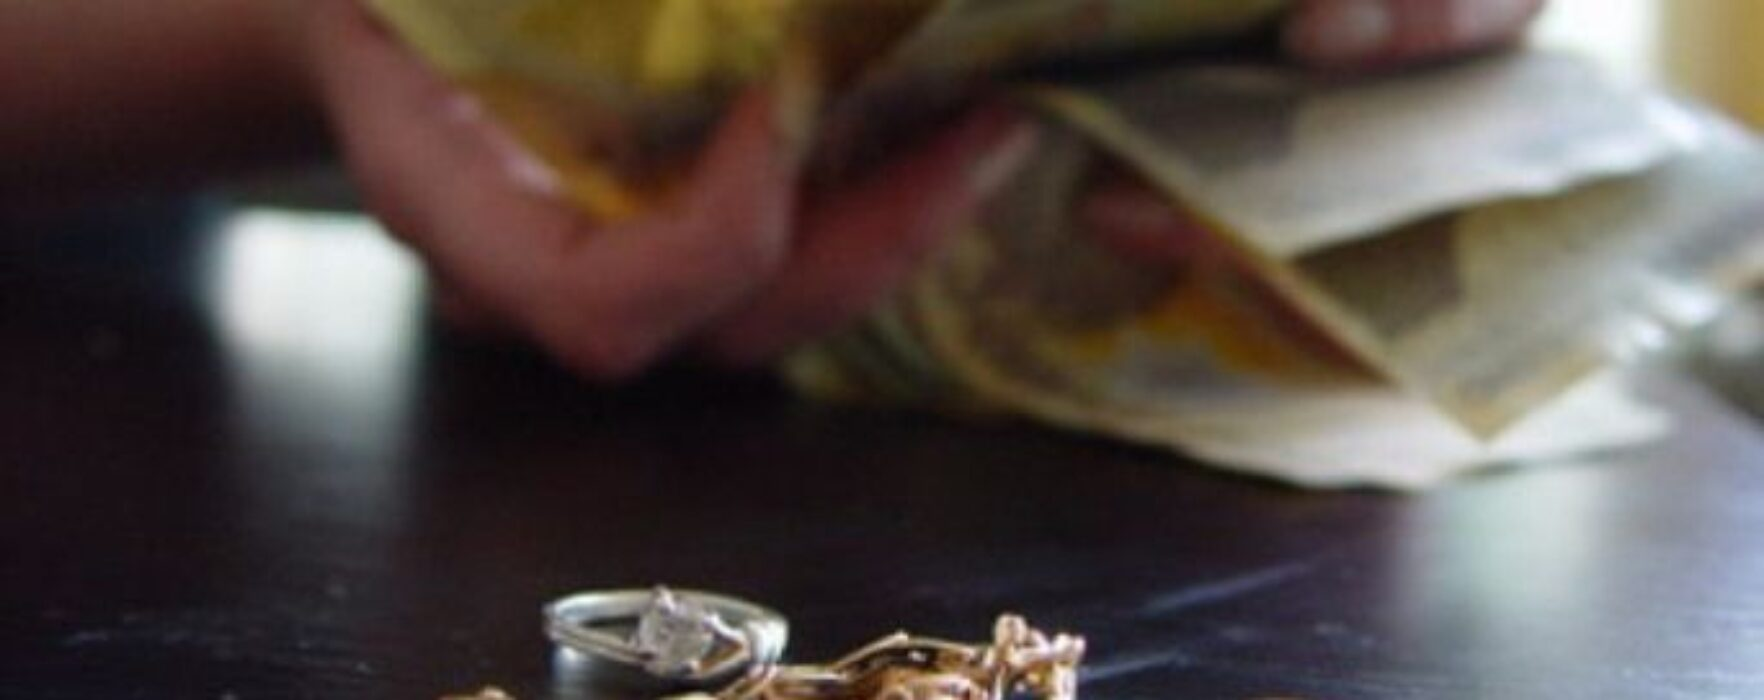 Dâmboviţa: O nouă metodă de înşelăciune: pomană pentru Cioabă